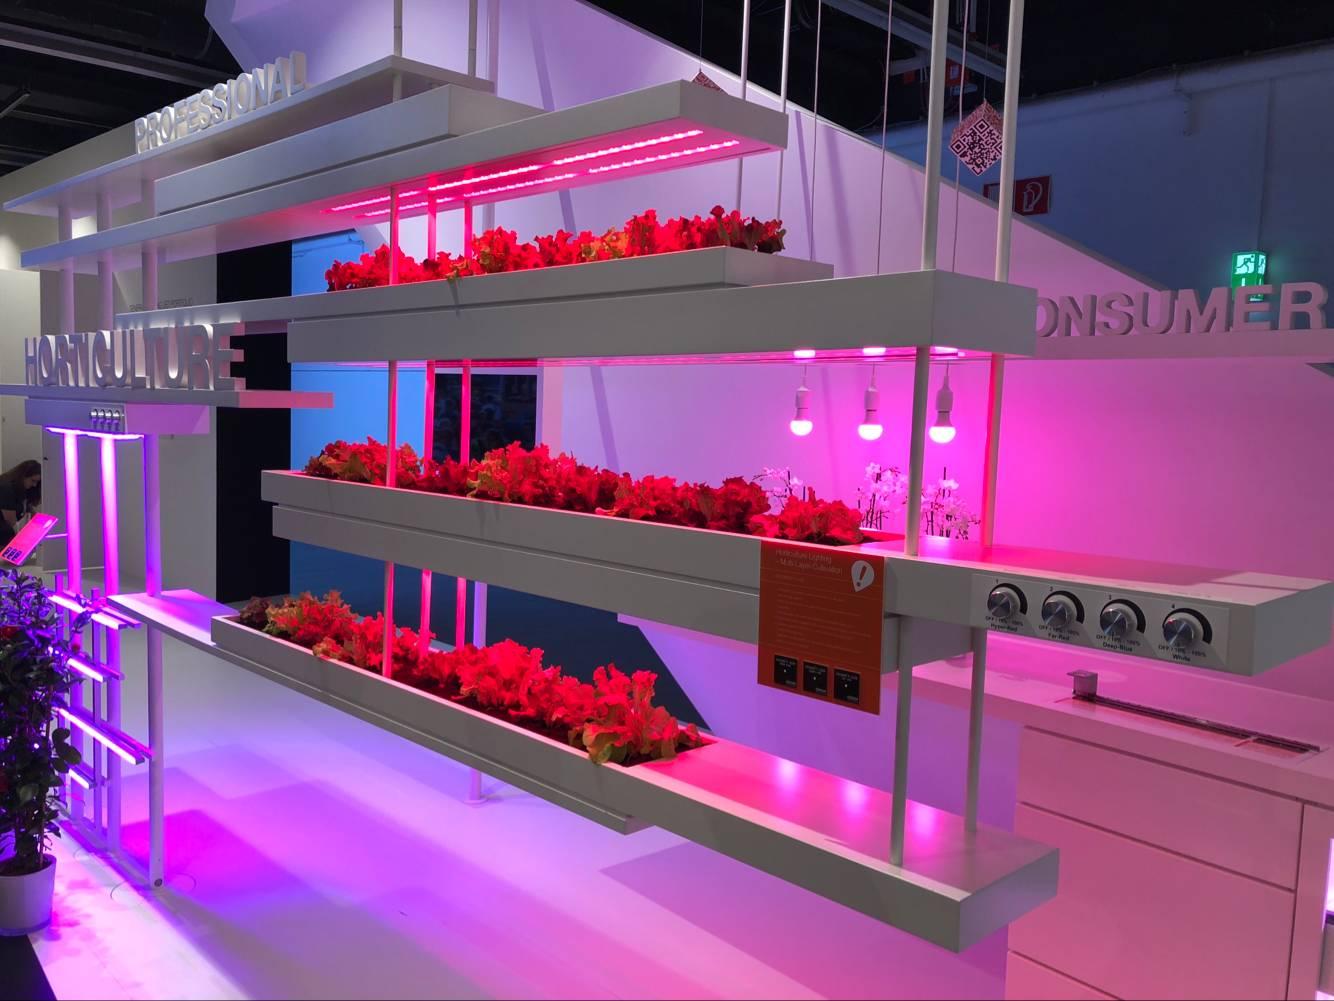 园艺照明火热 全球LED企业纷纷入局